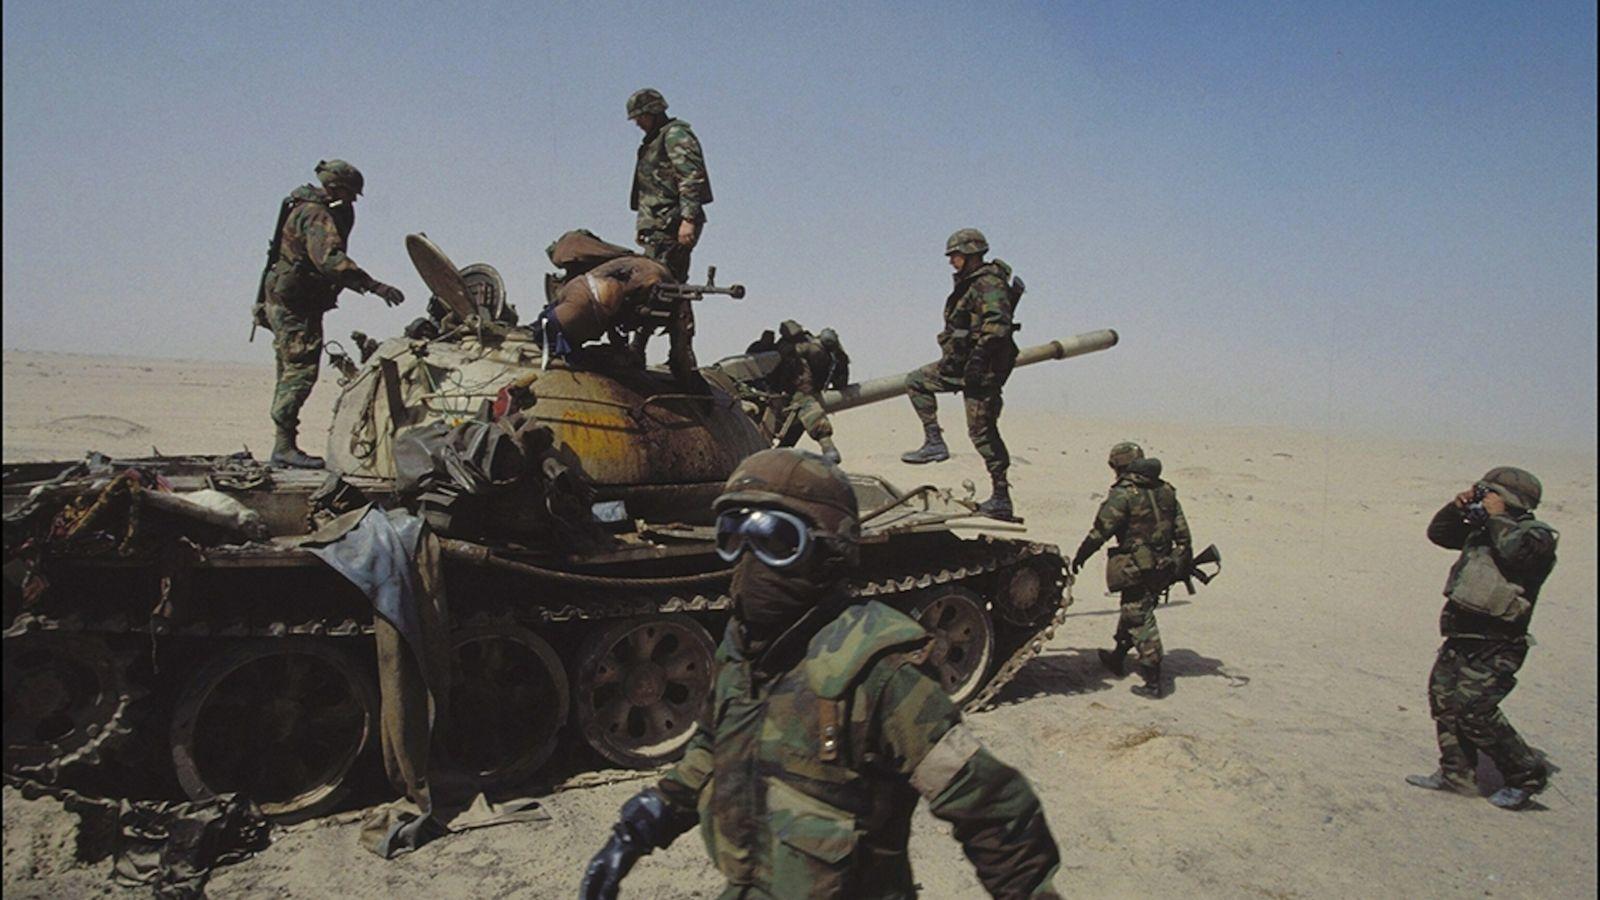 Los soldados estadounidenses examinan un tanque iraquí